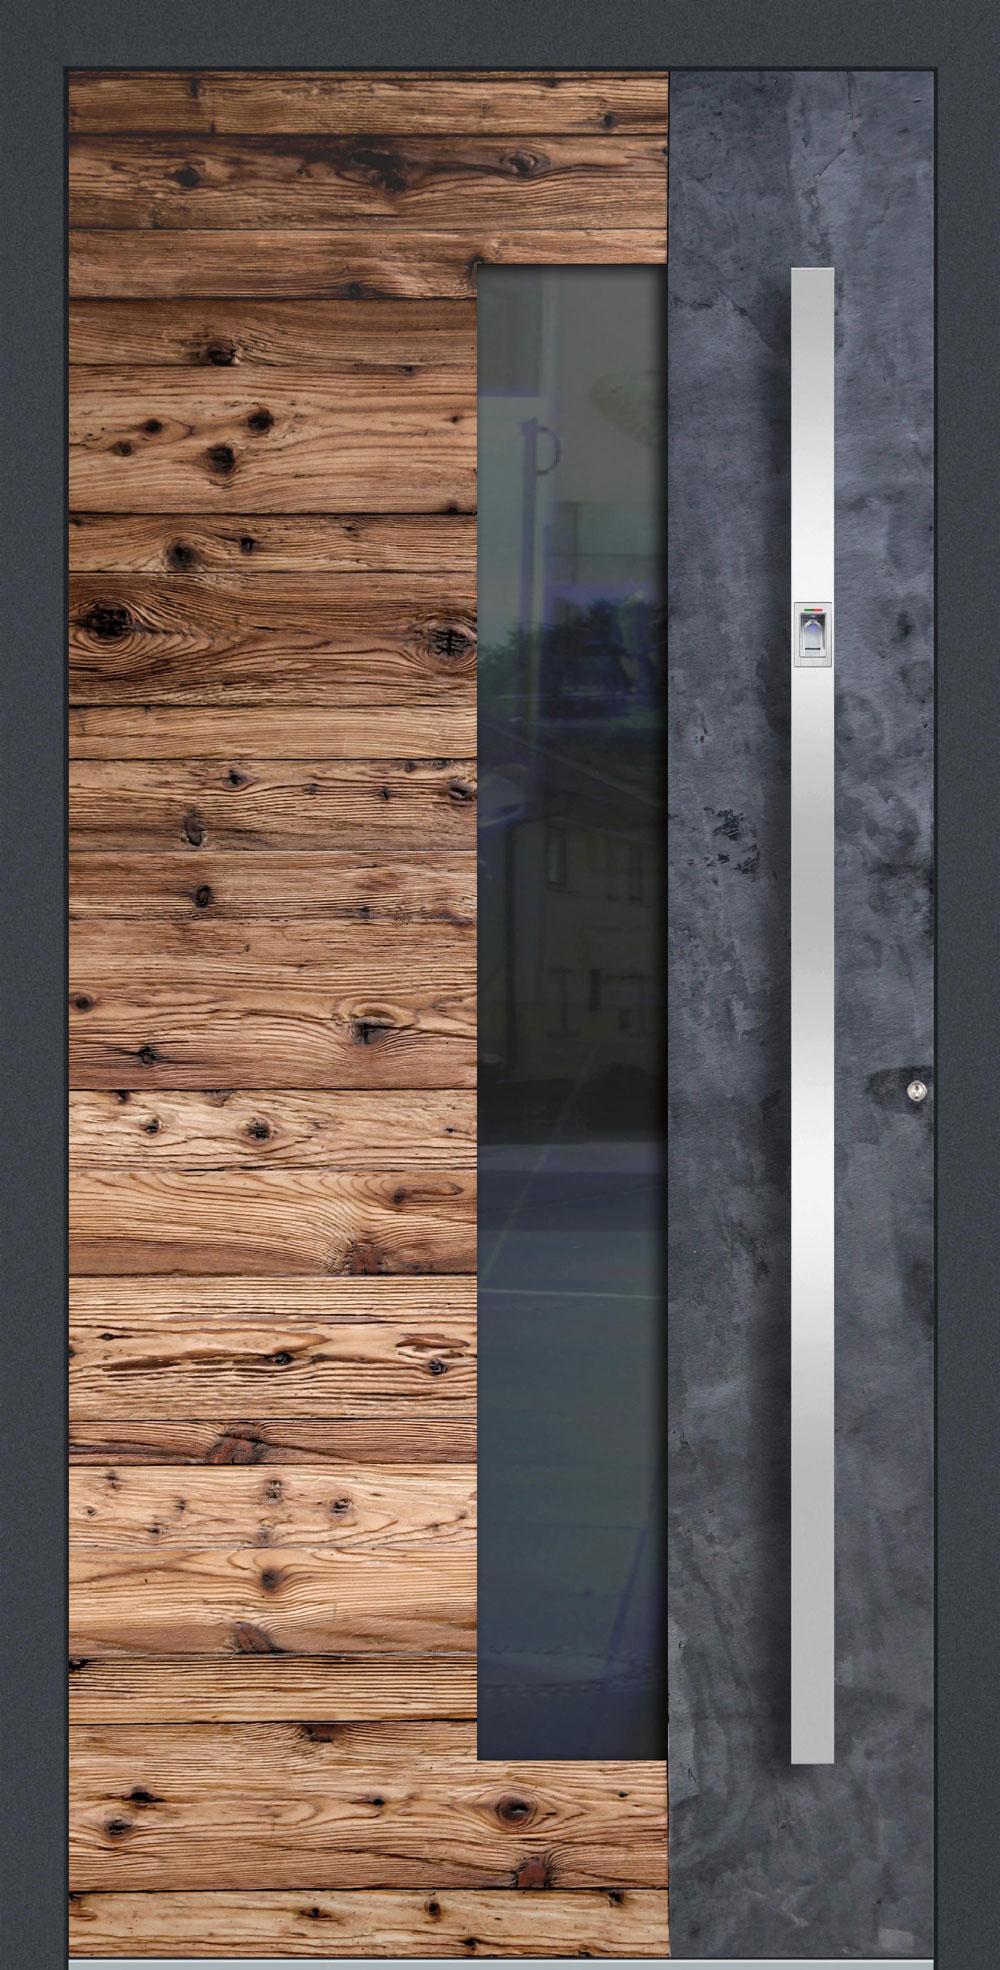 AHSG01 ISO-Wärmeschutzverglasung klar Altholz-Design mit Echtschiefer-Applikation einseitig außen Anwendungsbeispiel in flügelüberdeckend, Edelstahlgriff 11090 ES mit integriertem Fingerprint